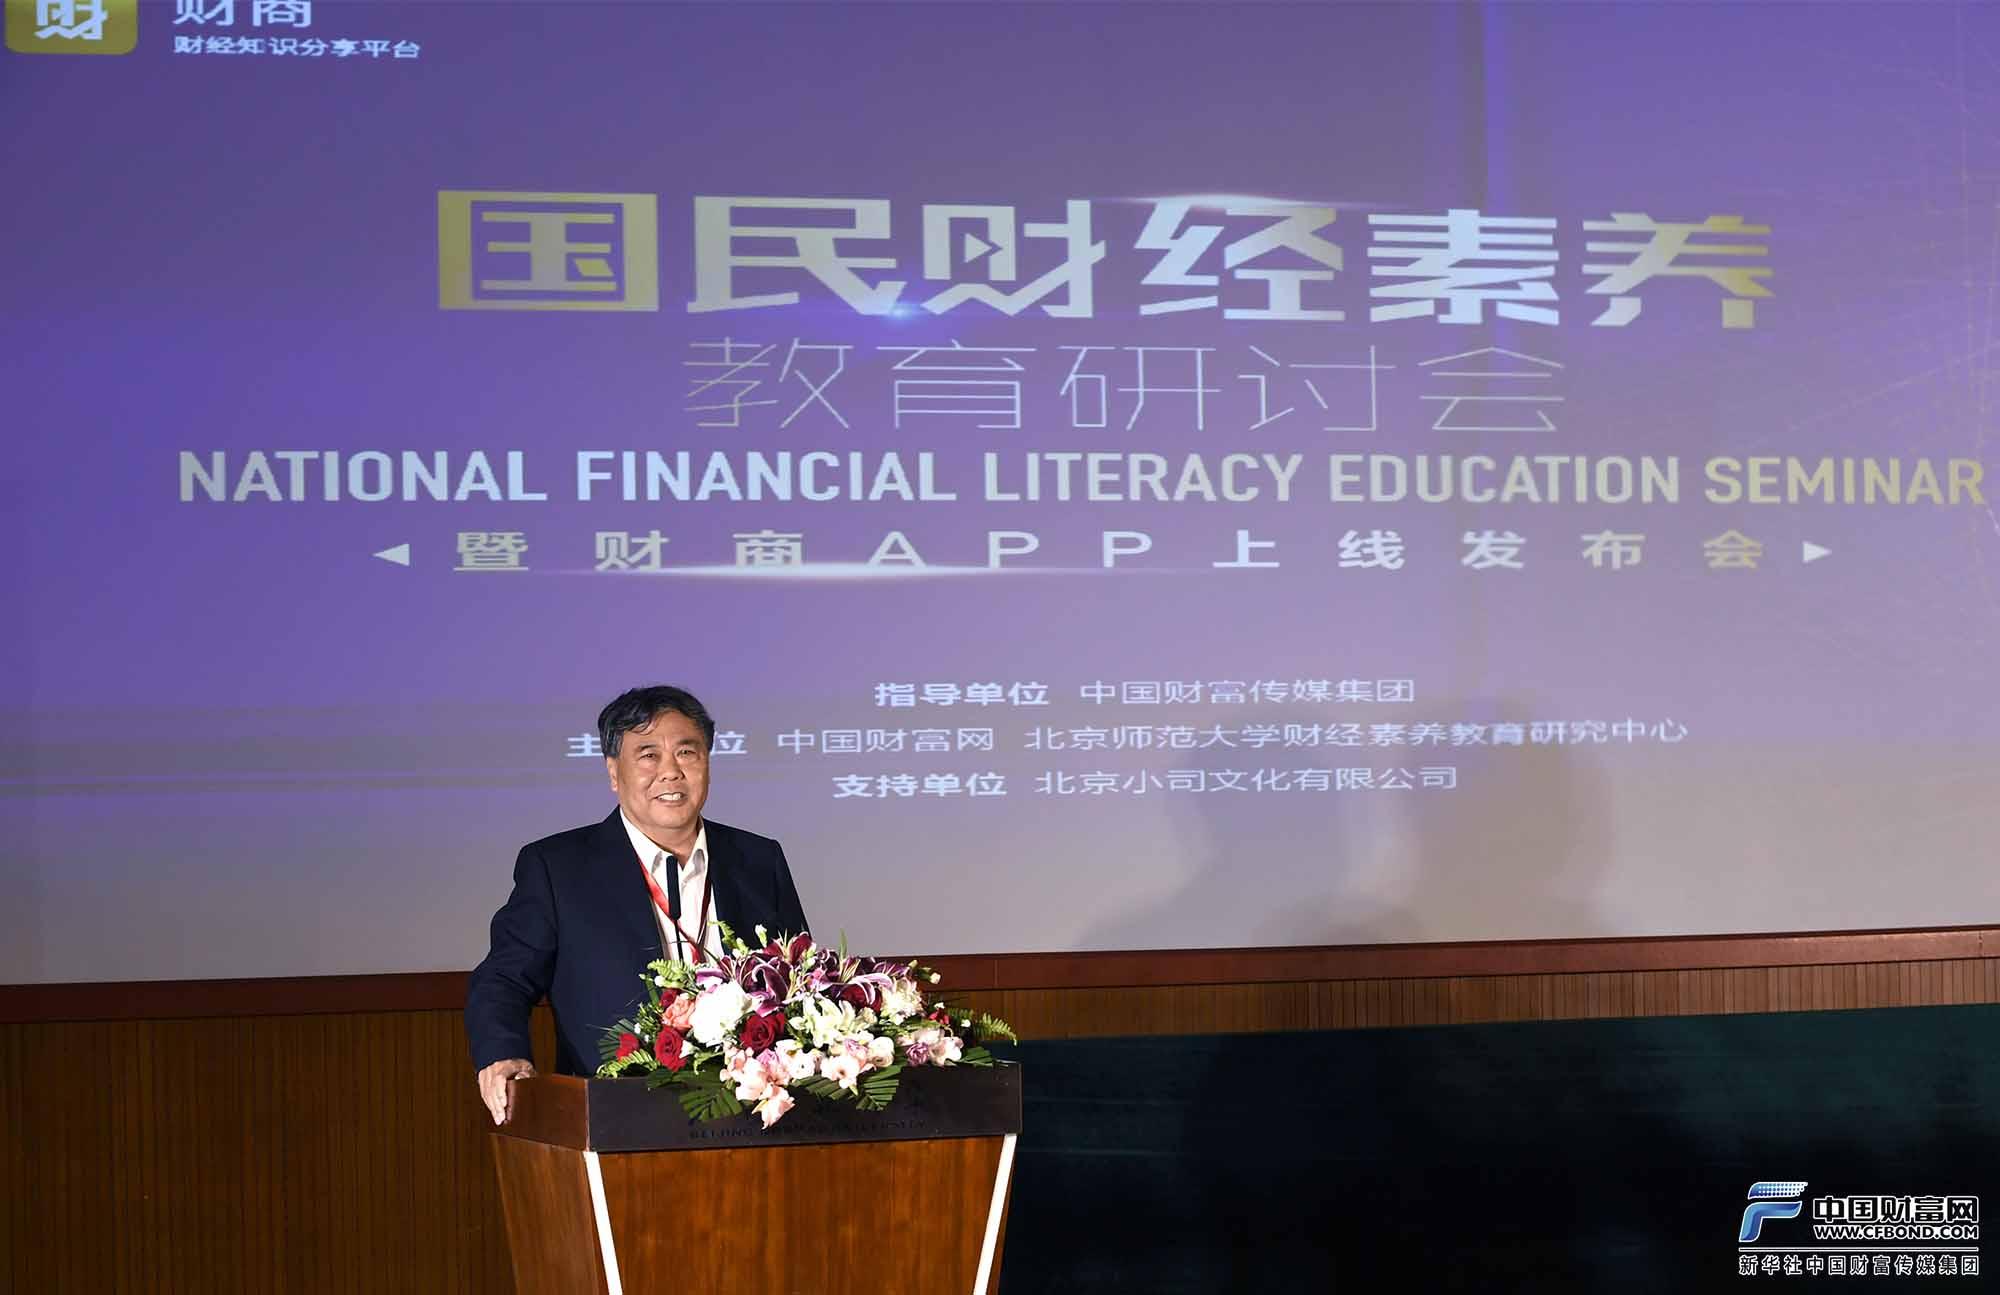 《中国高校科技》总编辑、国家教育行政学院教授李志民发表演讲